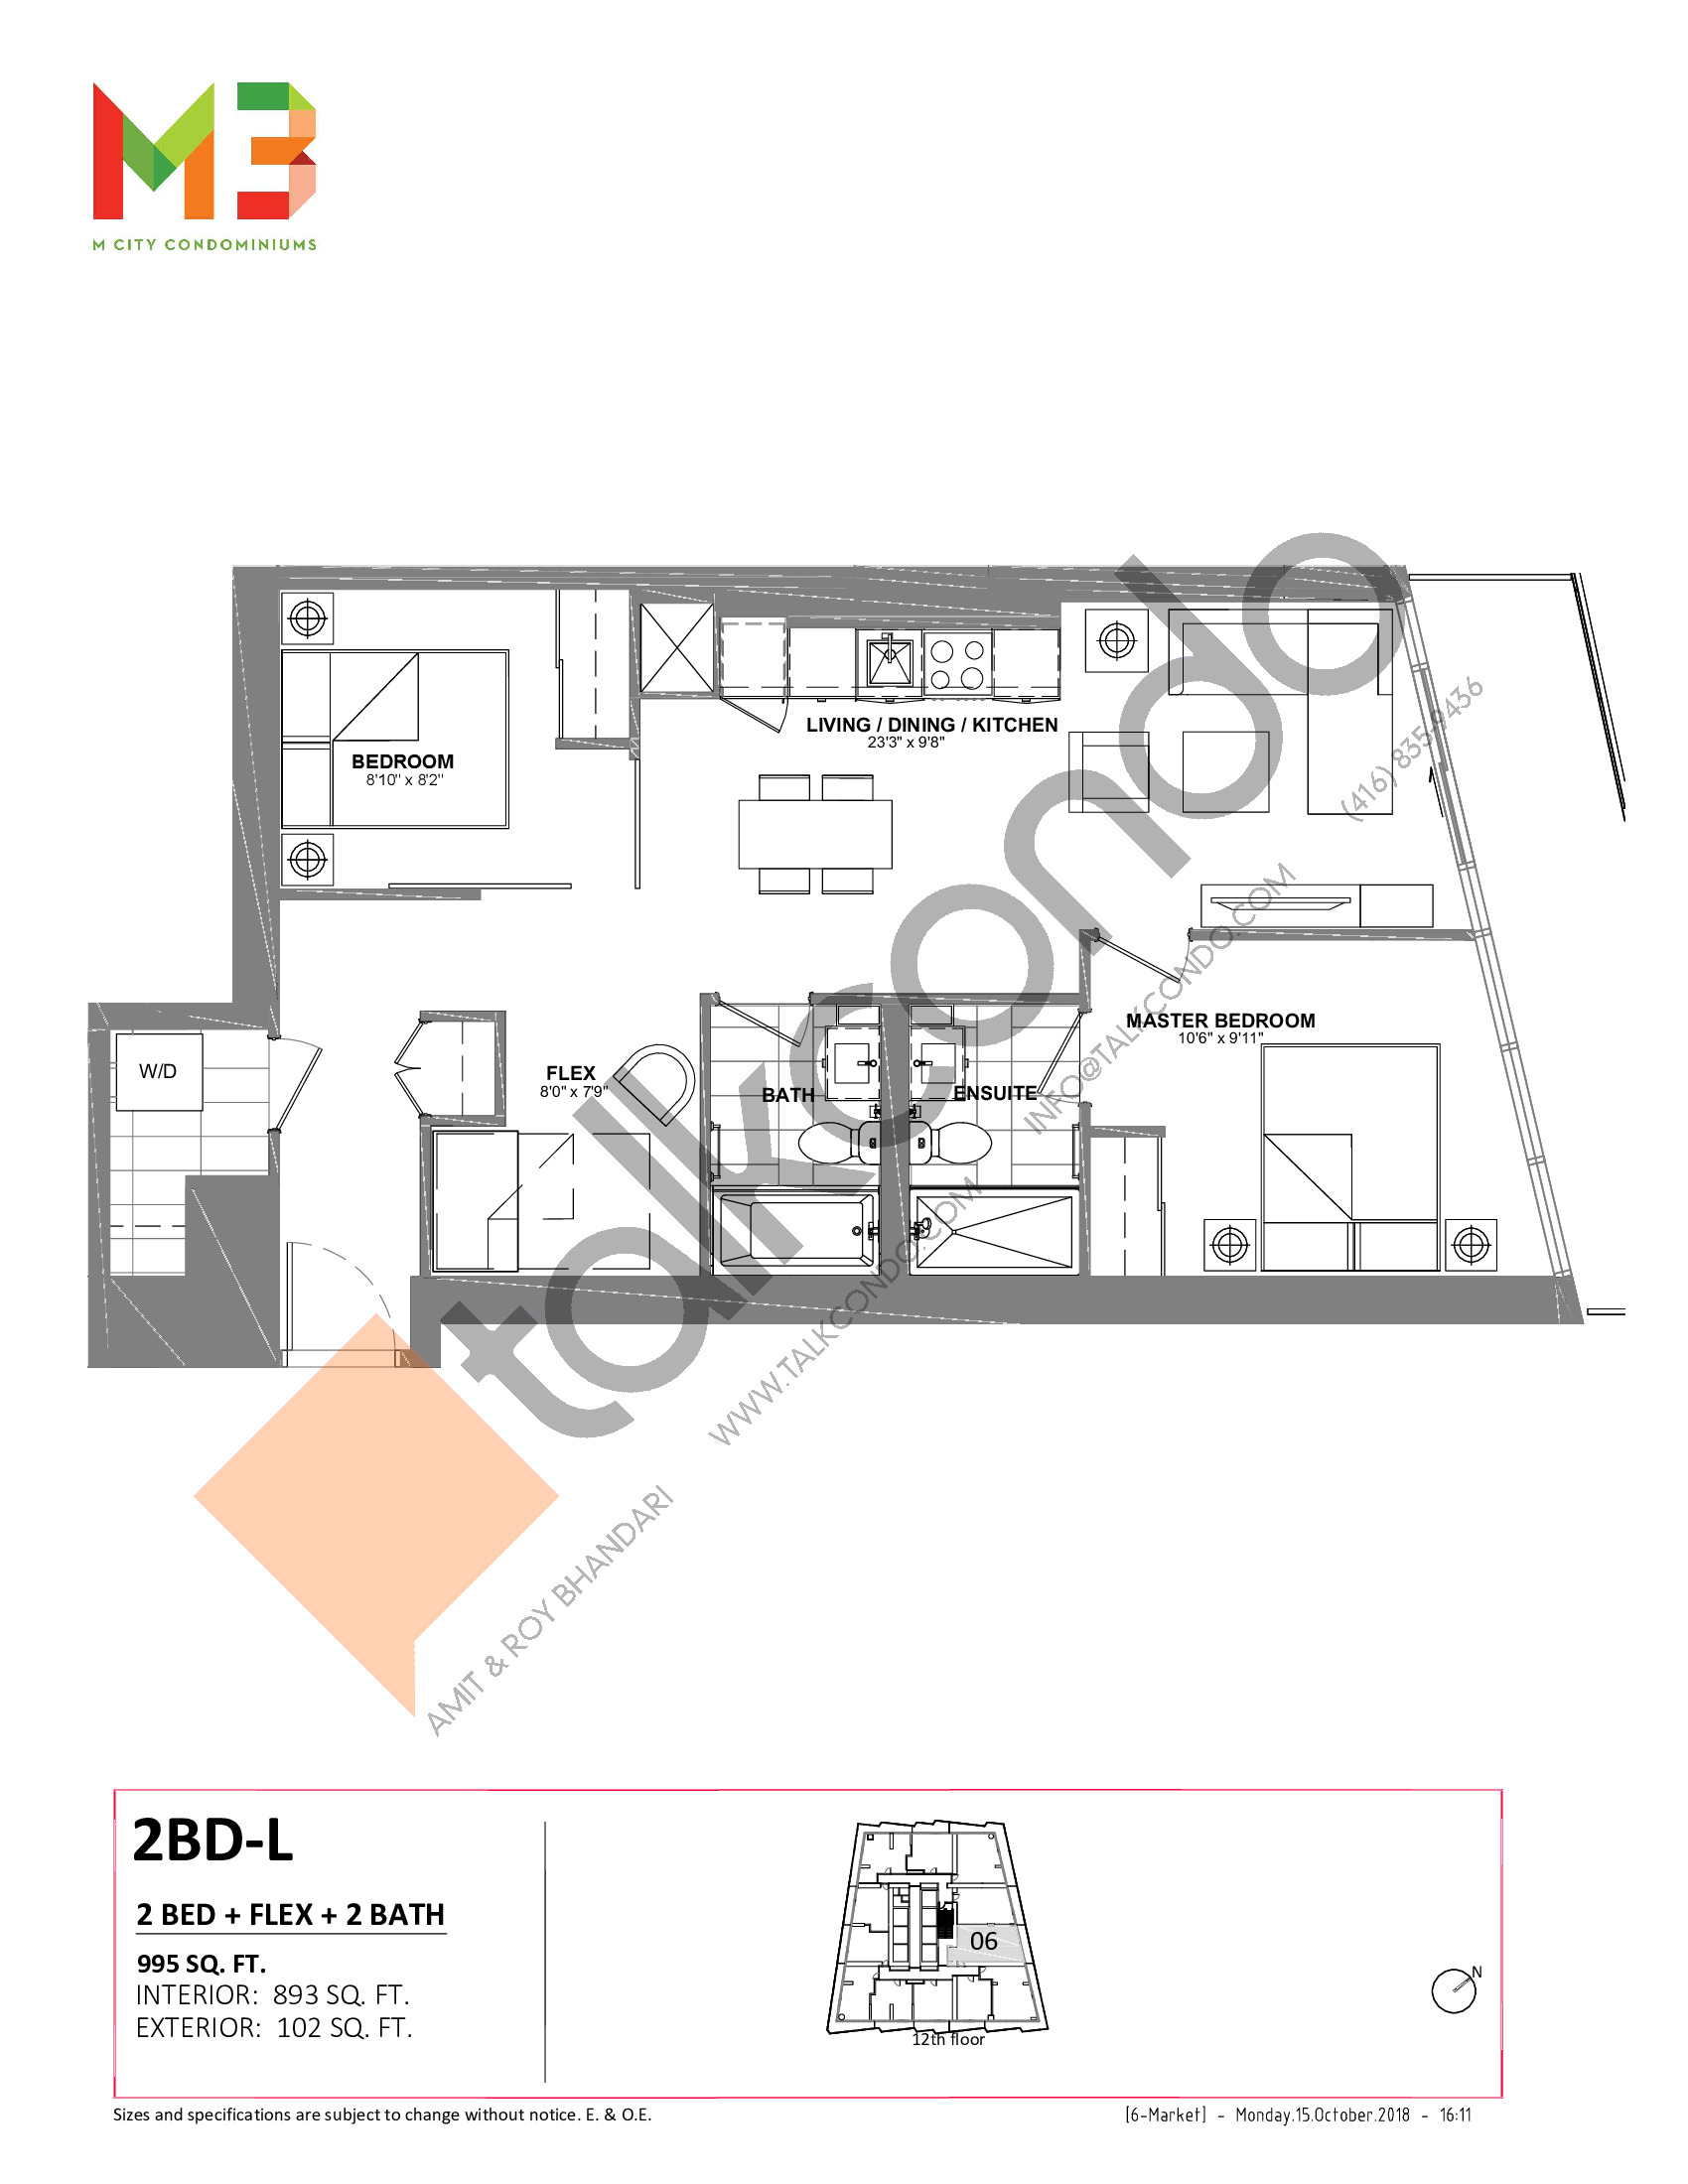 2BD-L Floor Plan at M3 Condos - 893 sq.ft